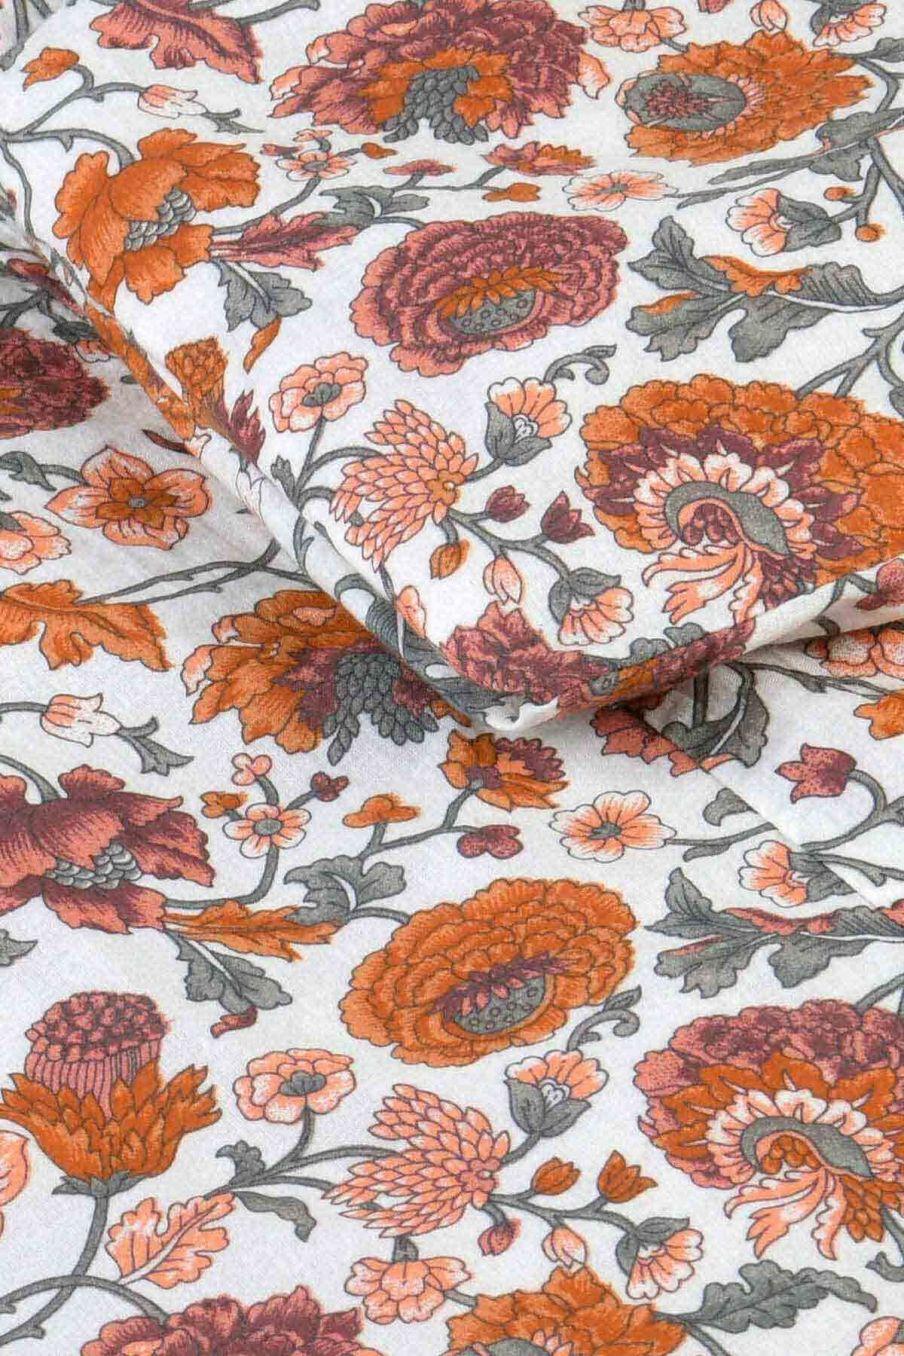 housse de couette maison noemie cream bohemian flowers - louise misha